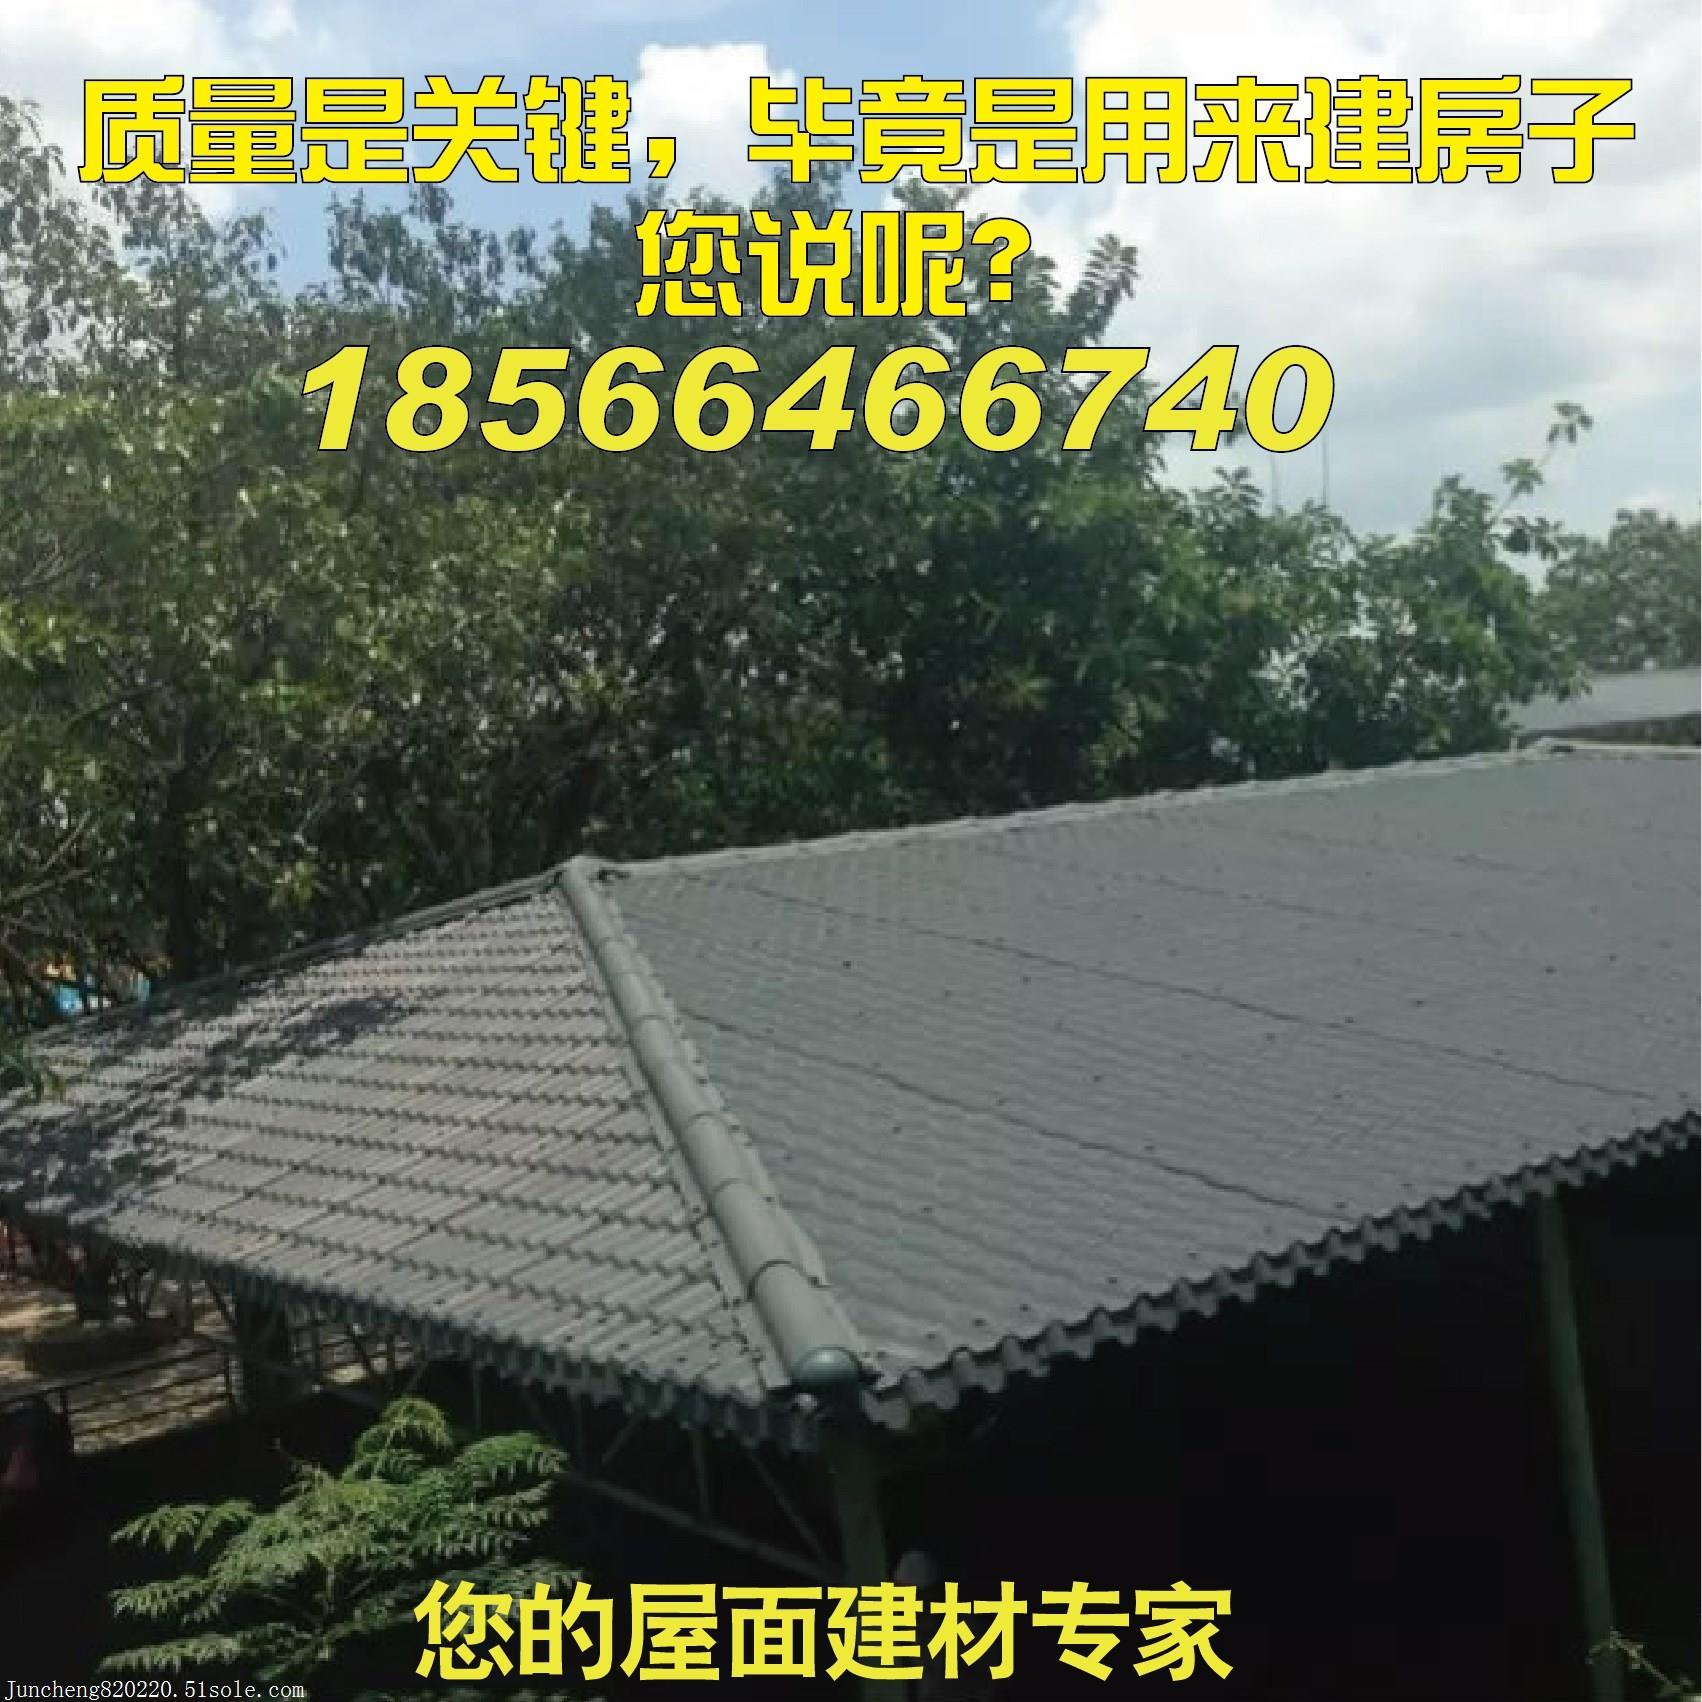 天津合成树脂瓦搭建四角凉亭屋面仿古别墅装饰树脂琉璃瓦厚度3.0m